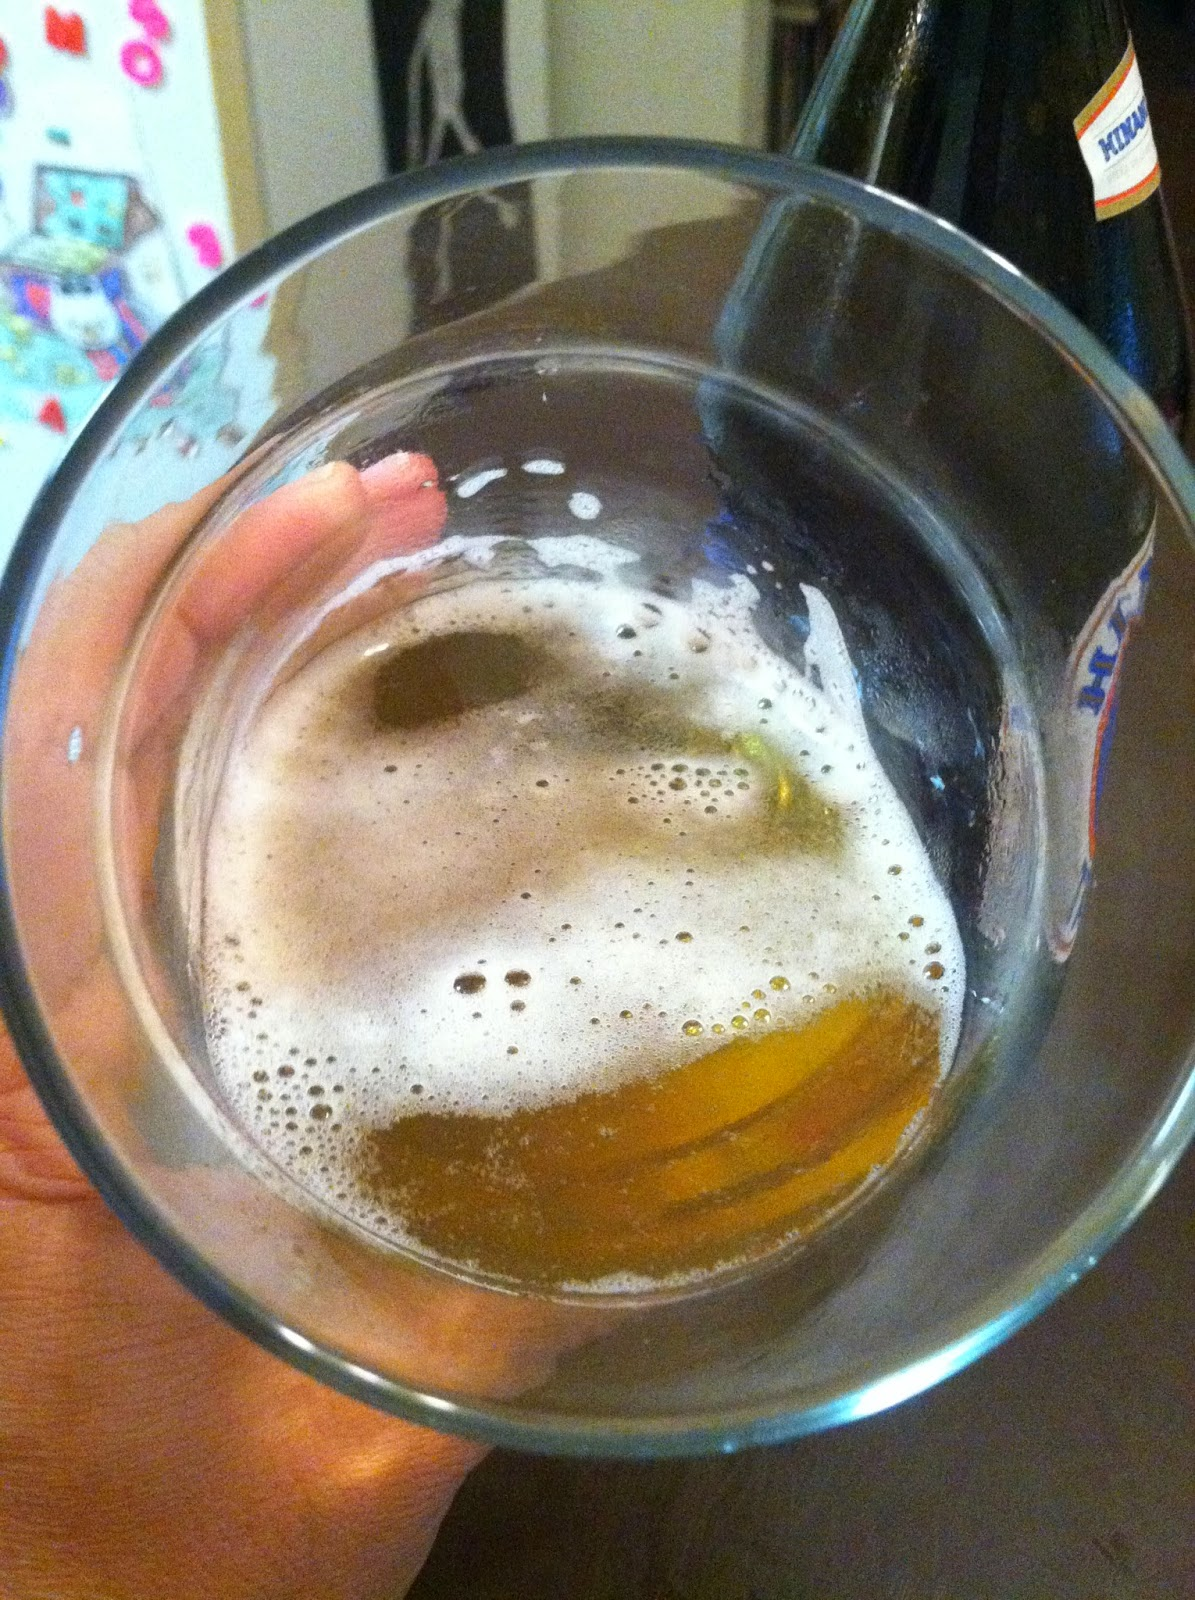 hinano tahiti beer 3